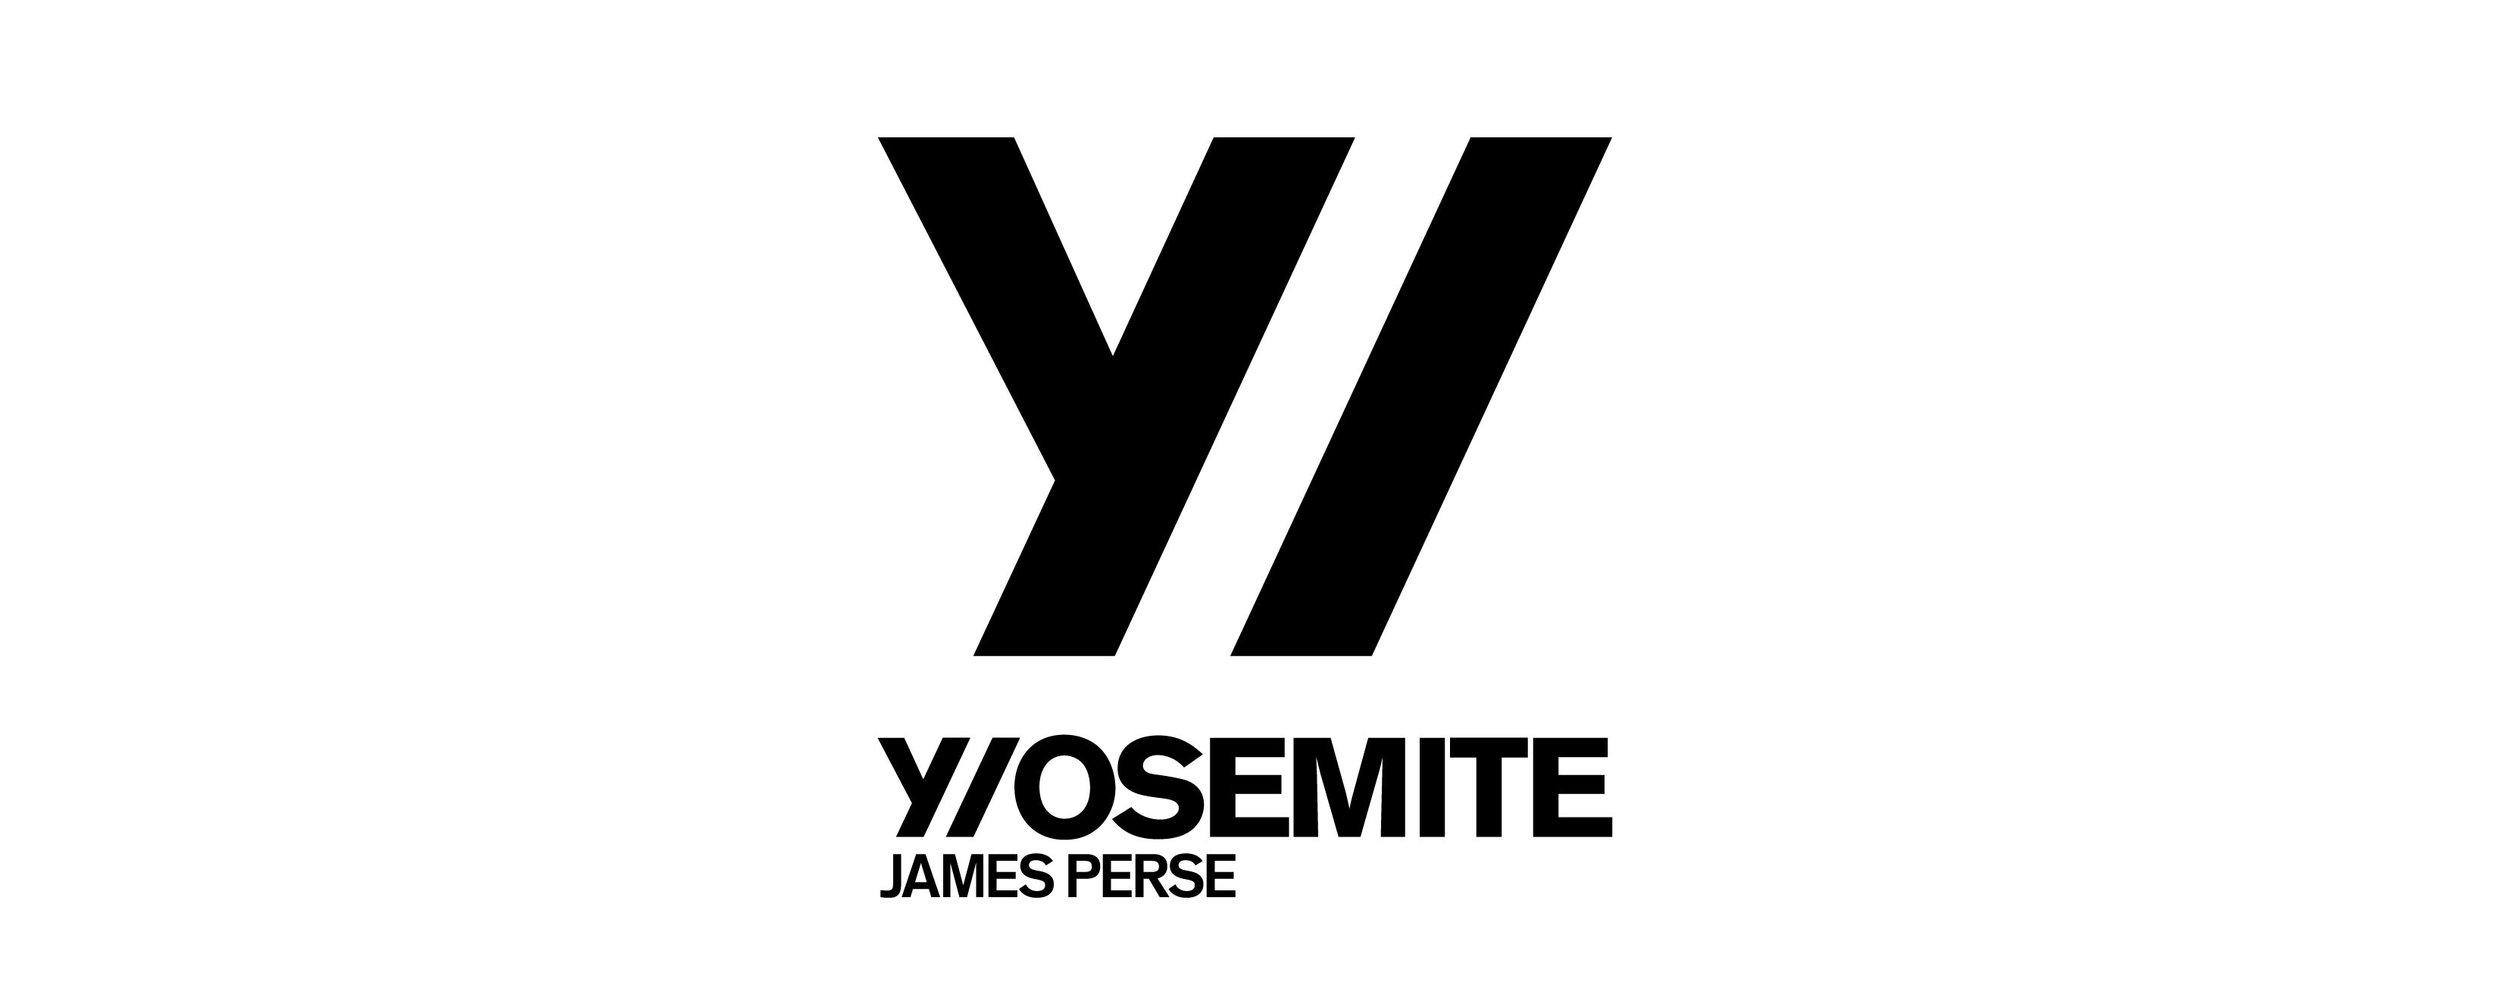 JP_Yosemite-01.jpg